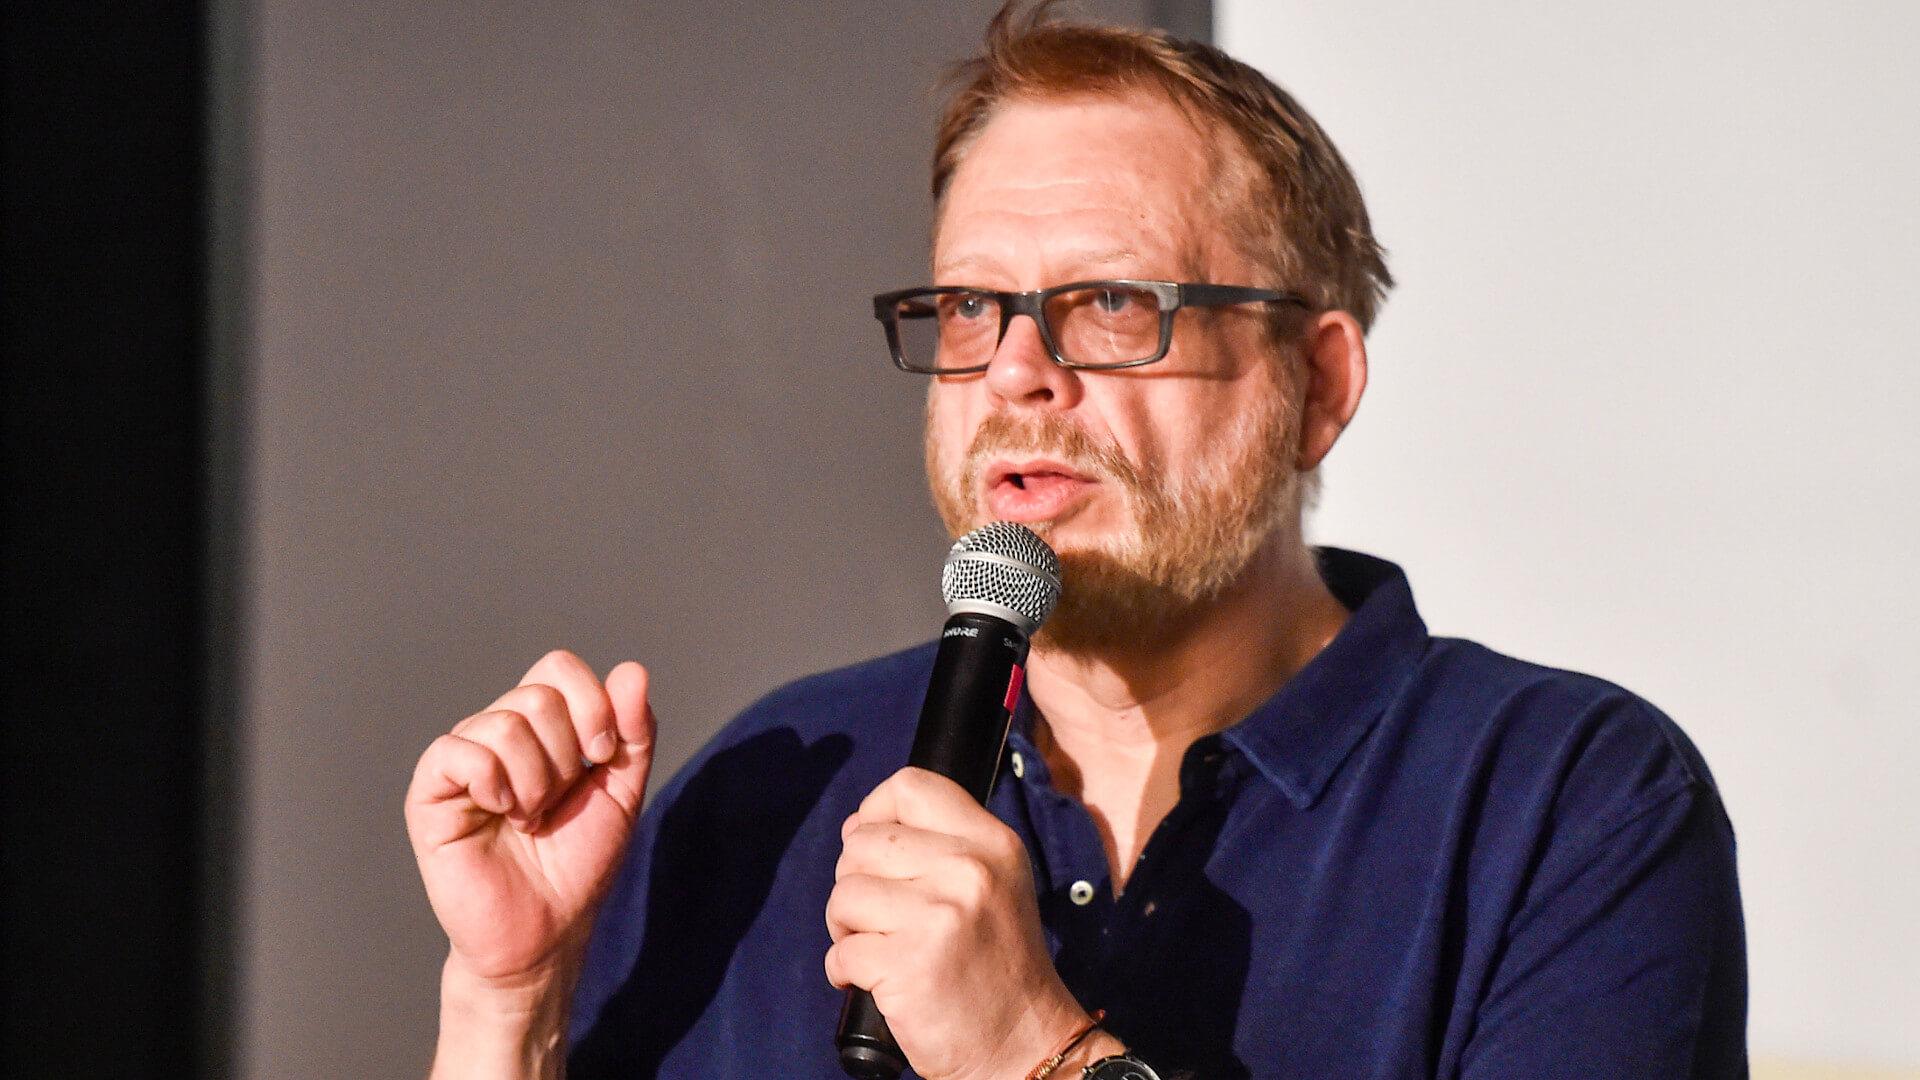 Tomasz Raczek otwarcie przyznaje, że był hejterem